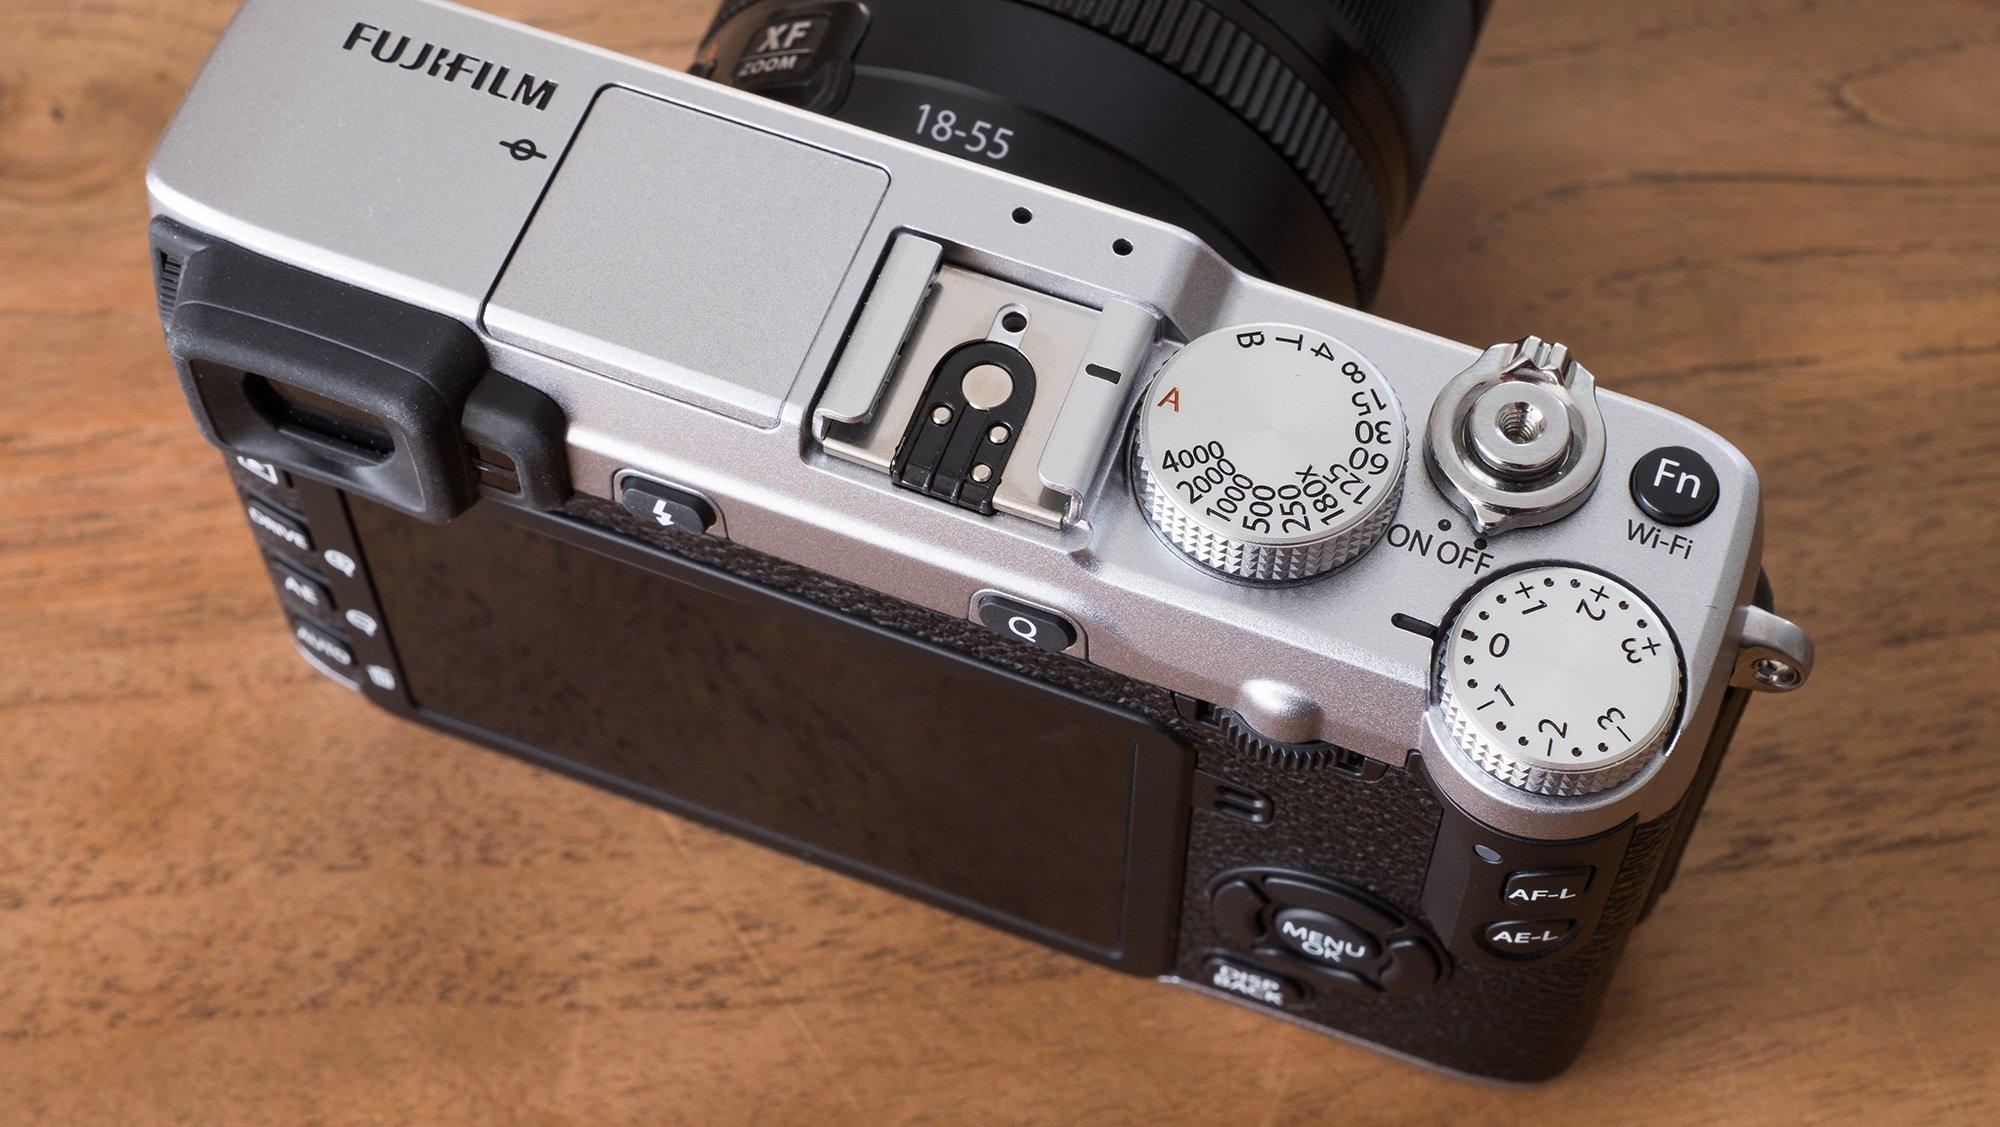 Fujifilm X E2S Dials